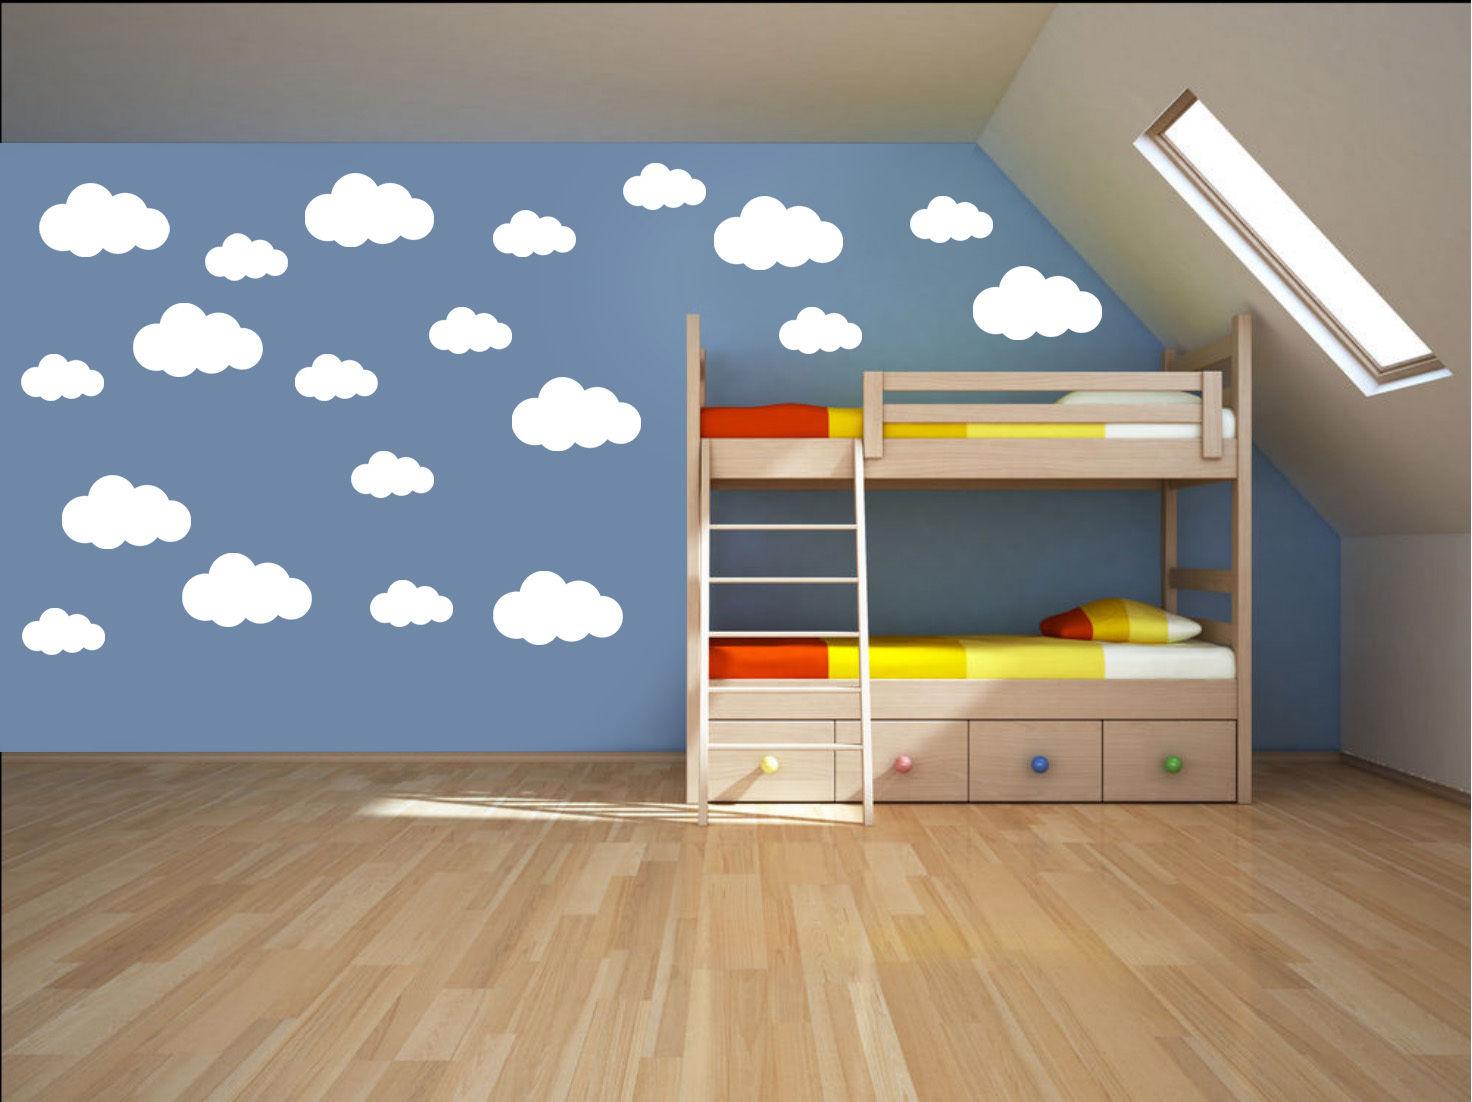 wolke zimmer kaufen billigwolke zimmer partien aus china. Black Bedroom Furniture Sets. Home Design Ideas